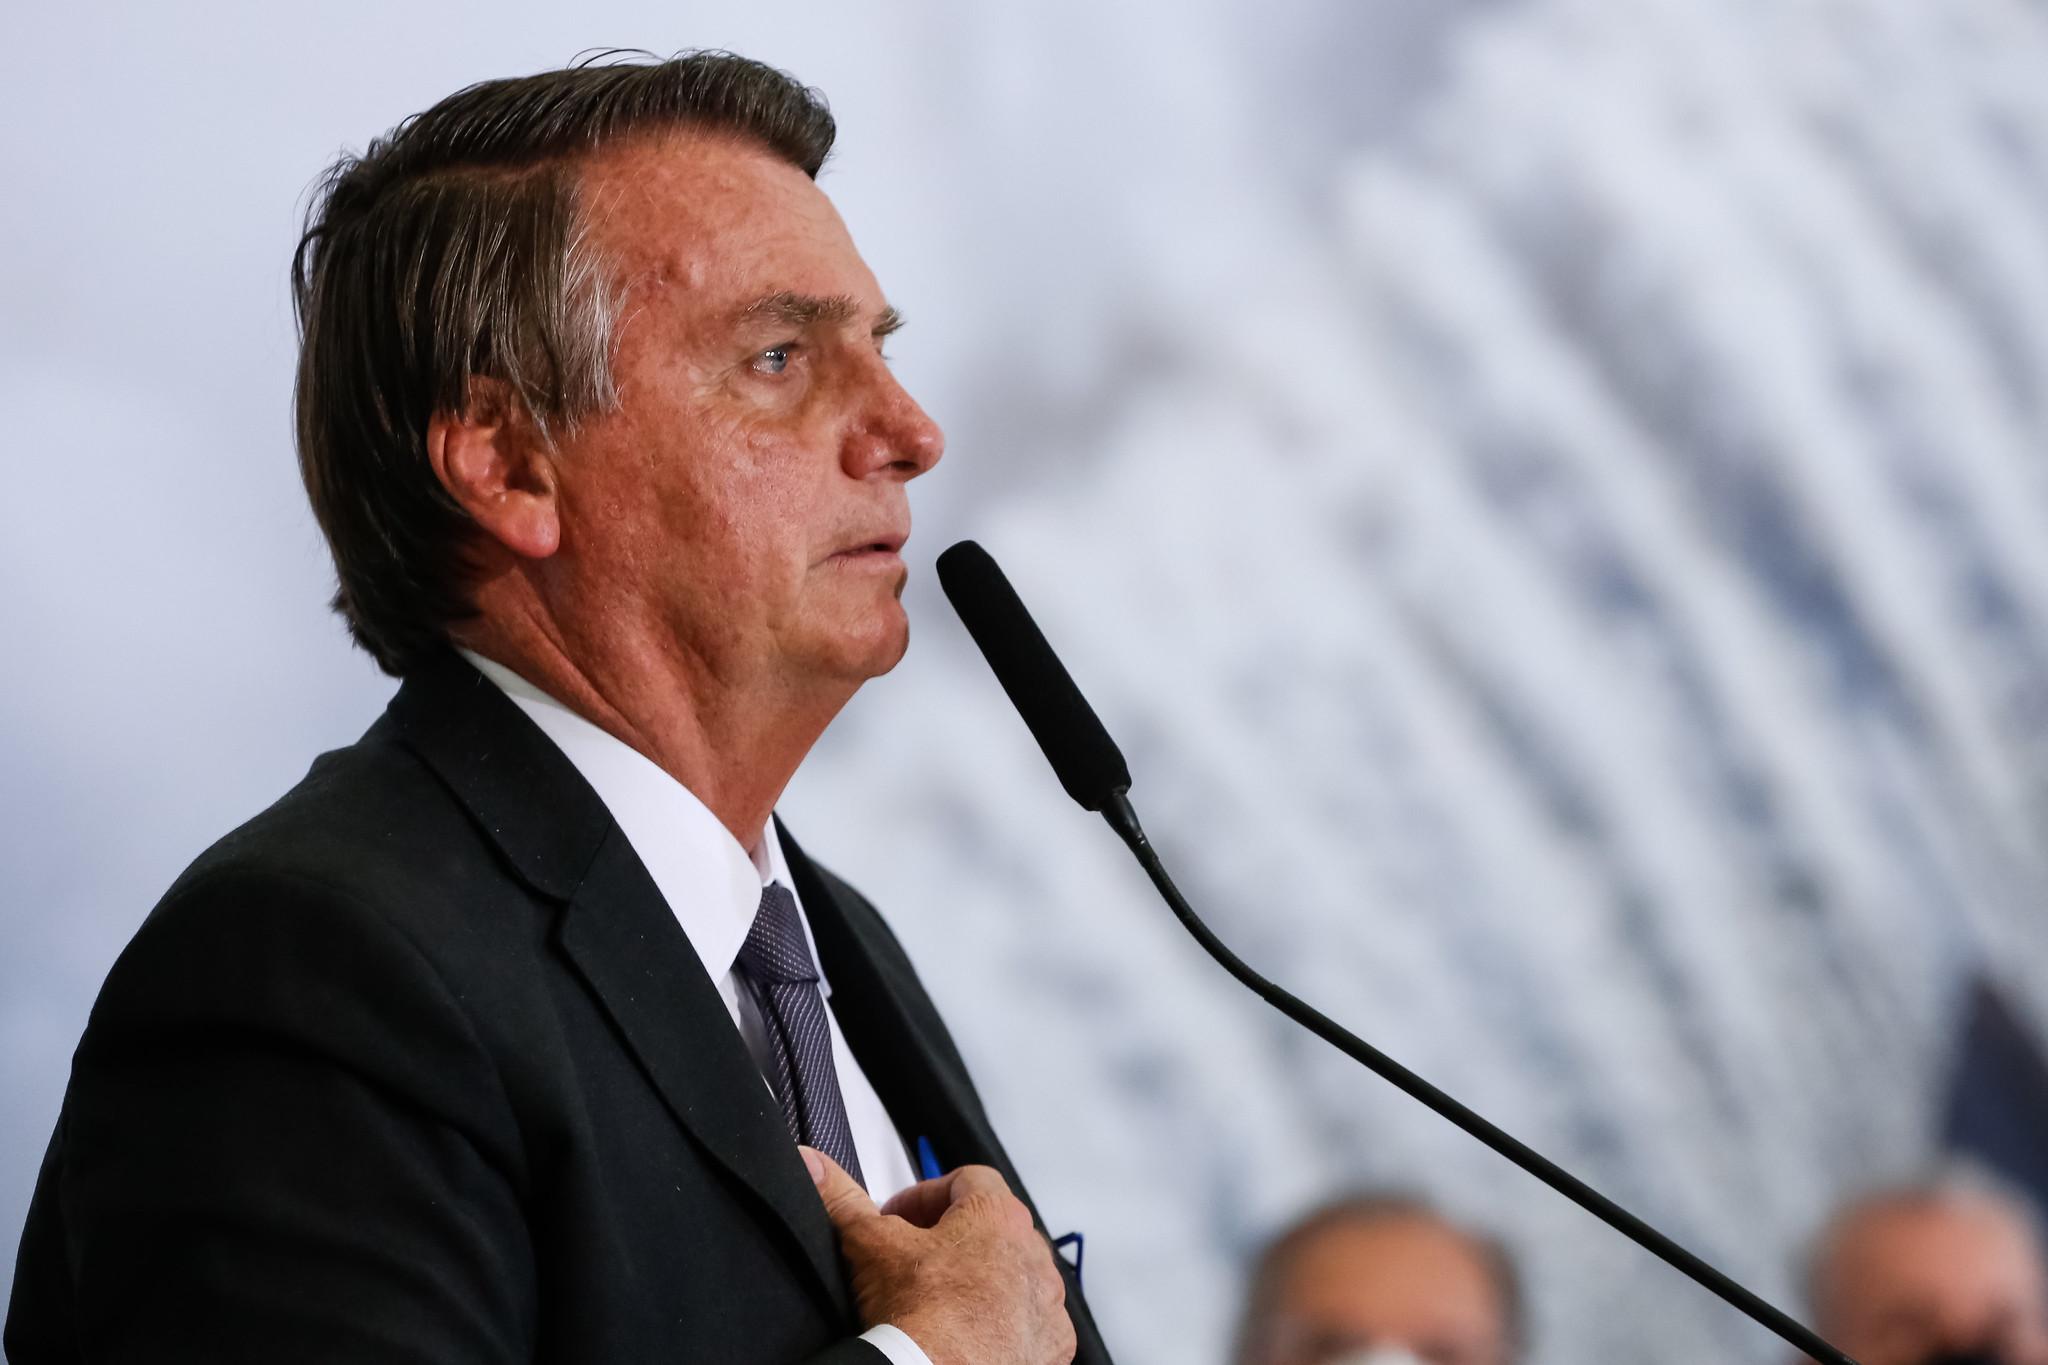 IMAGEM: Anvisa autoriza estudo com medicamento defendido por Bolsonaro contra Covid